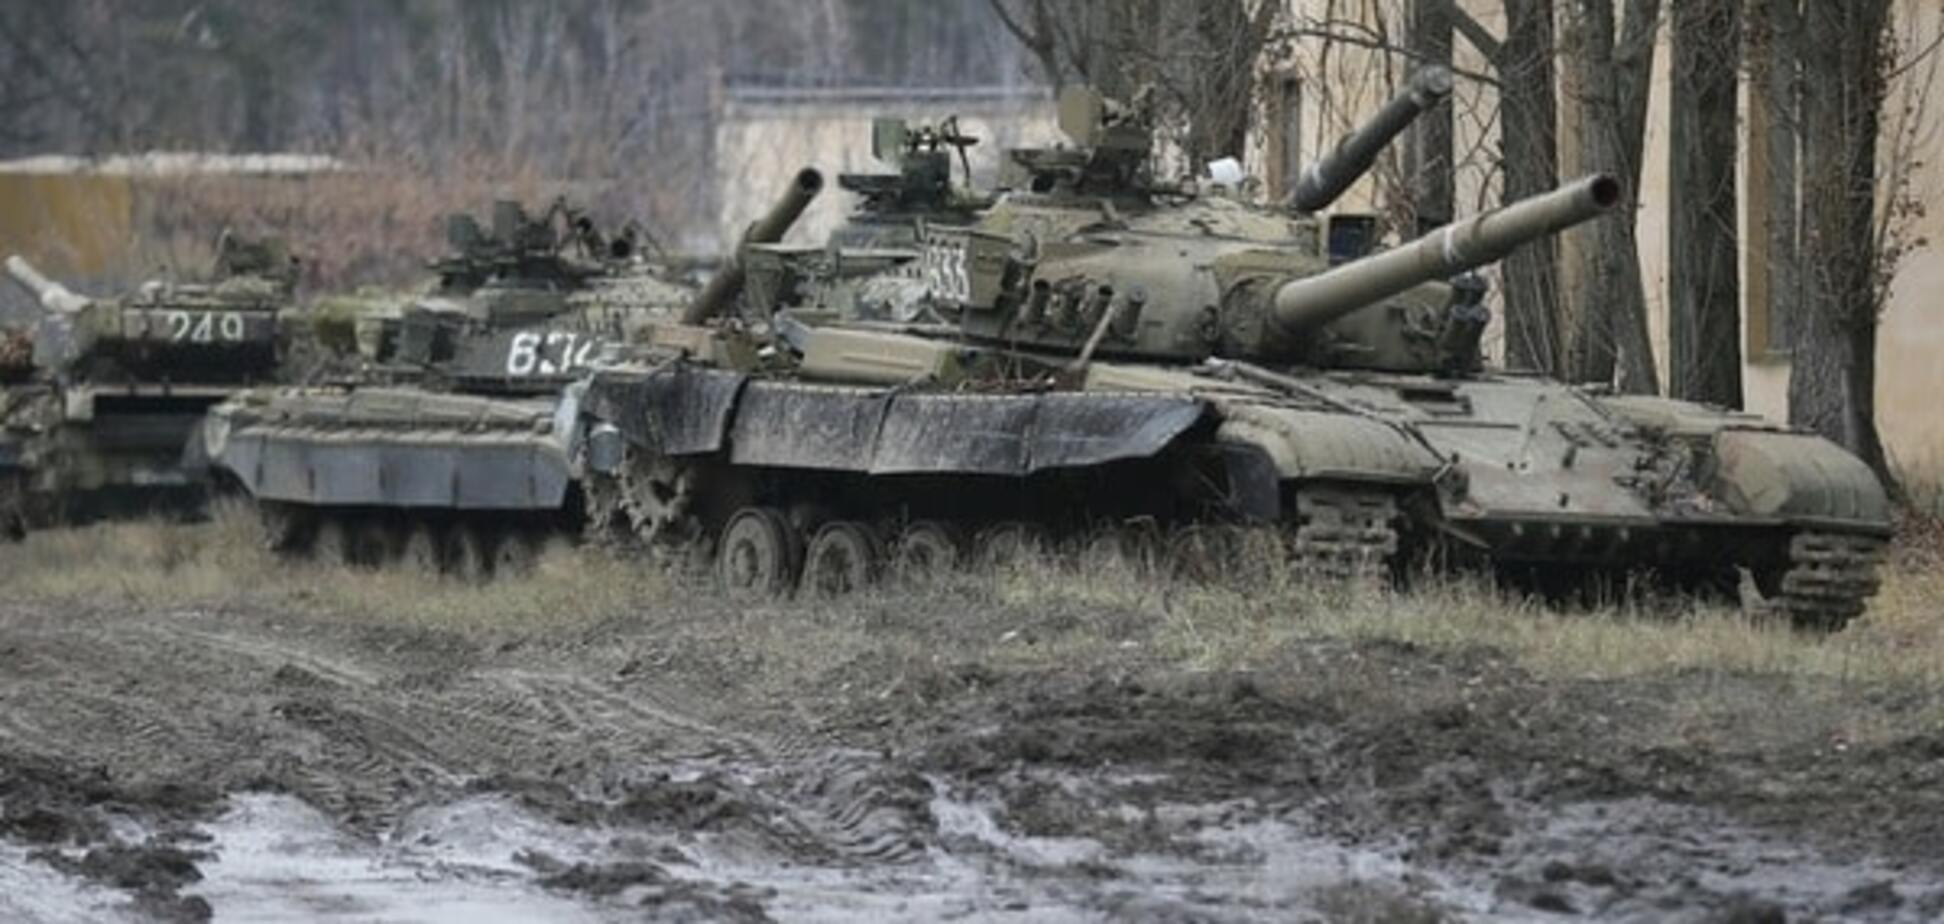 Новий рік в АТО: терористи накрили Донбас вогнем з гранатометів